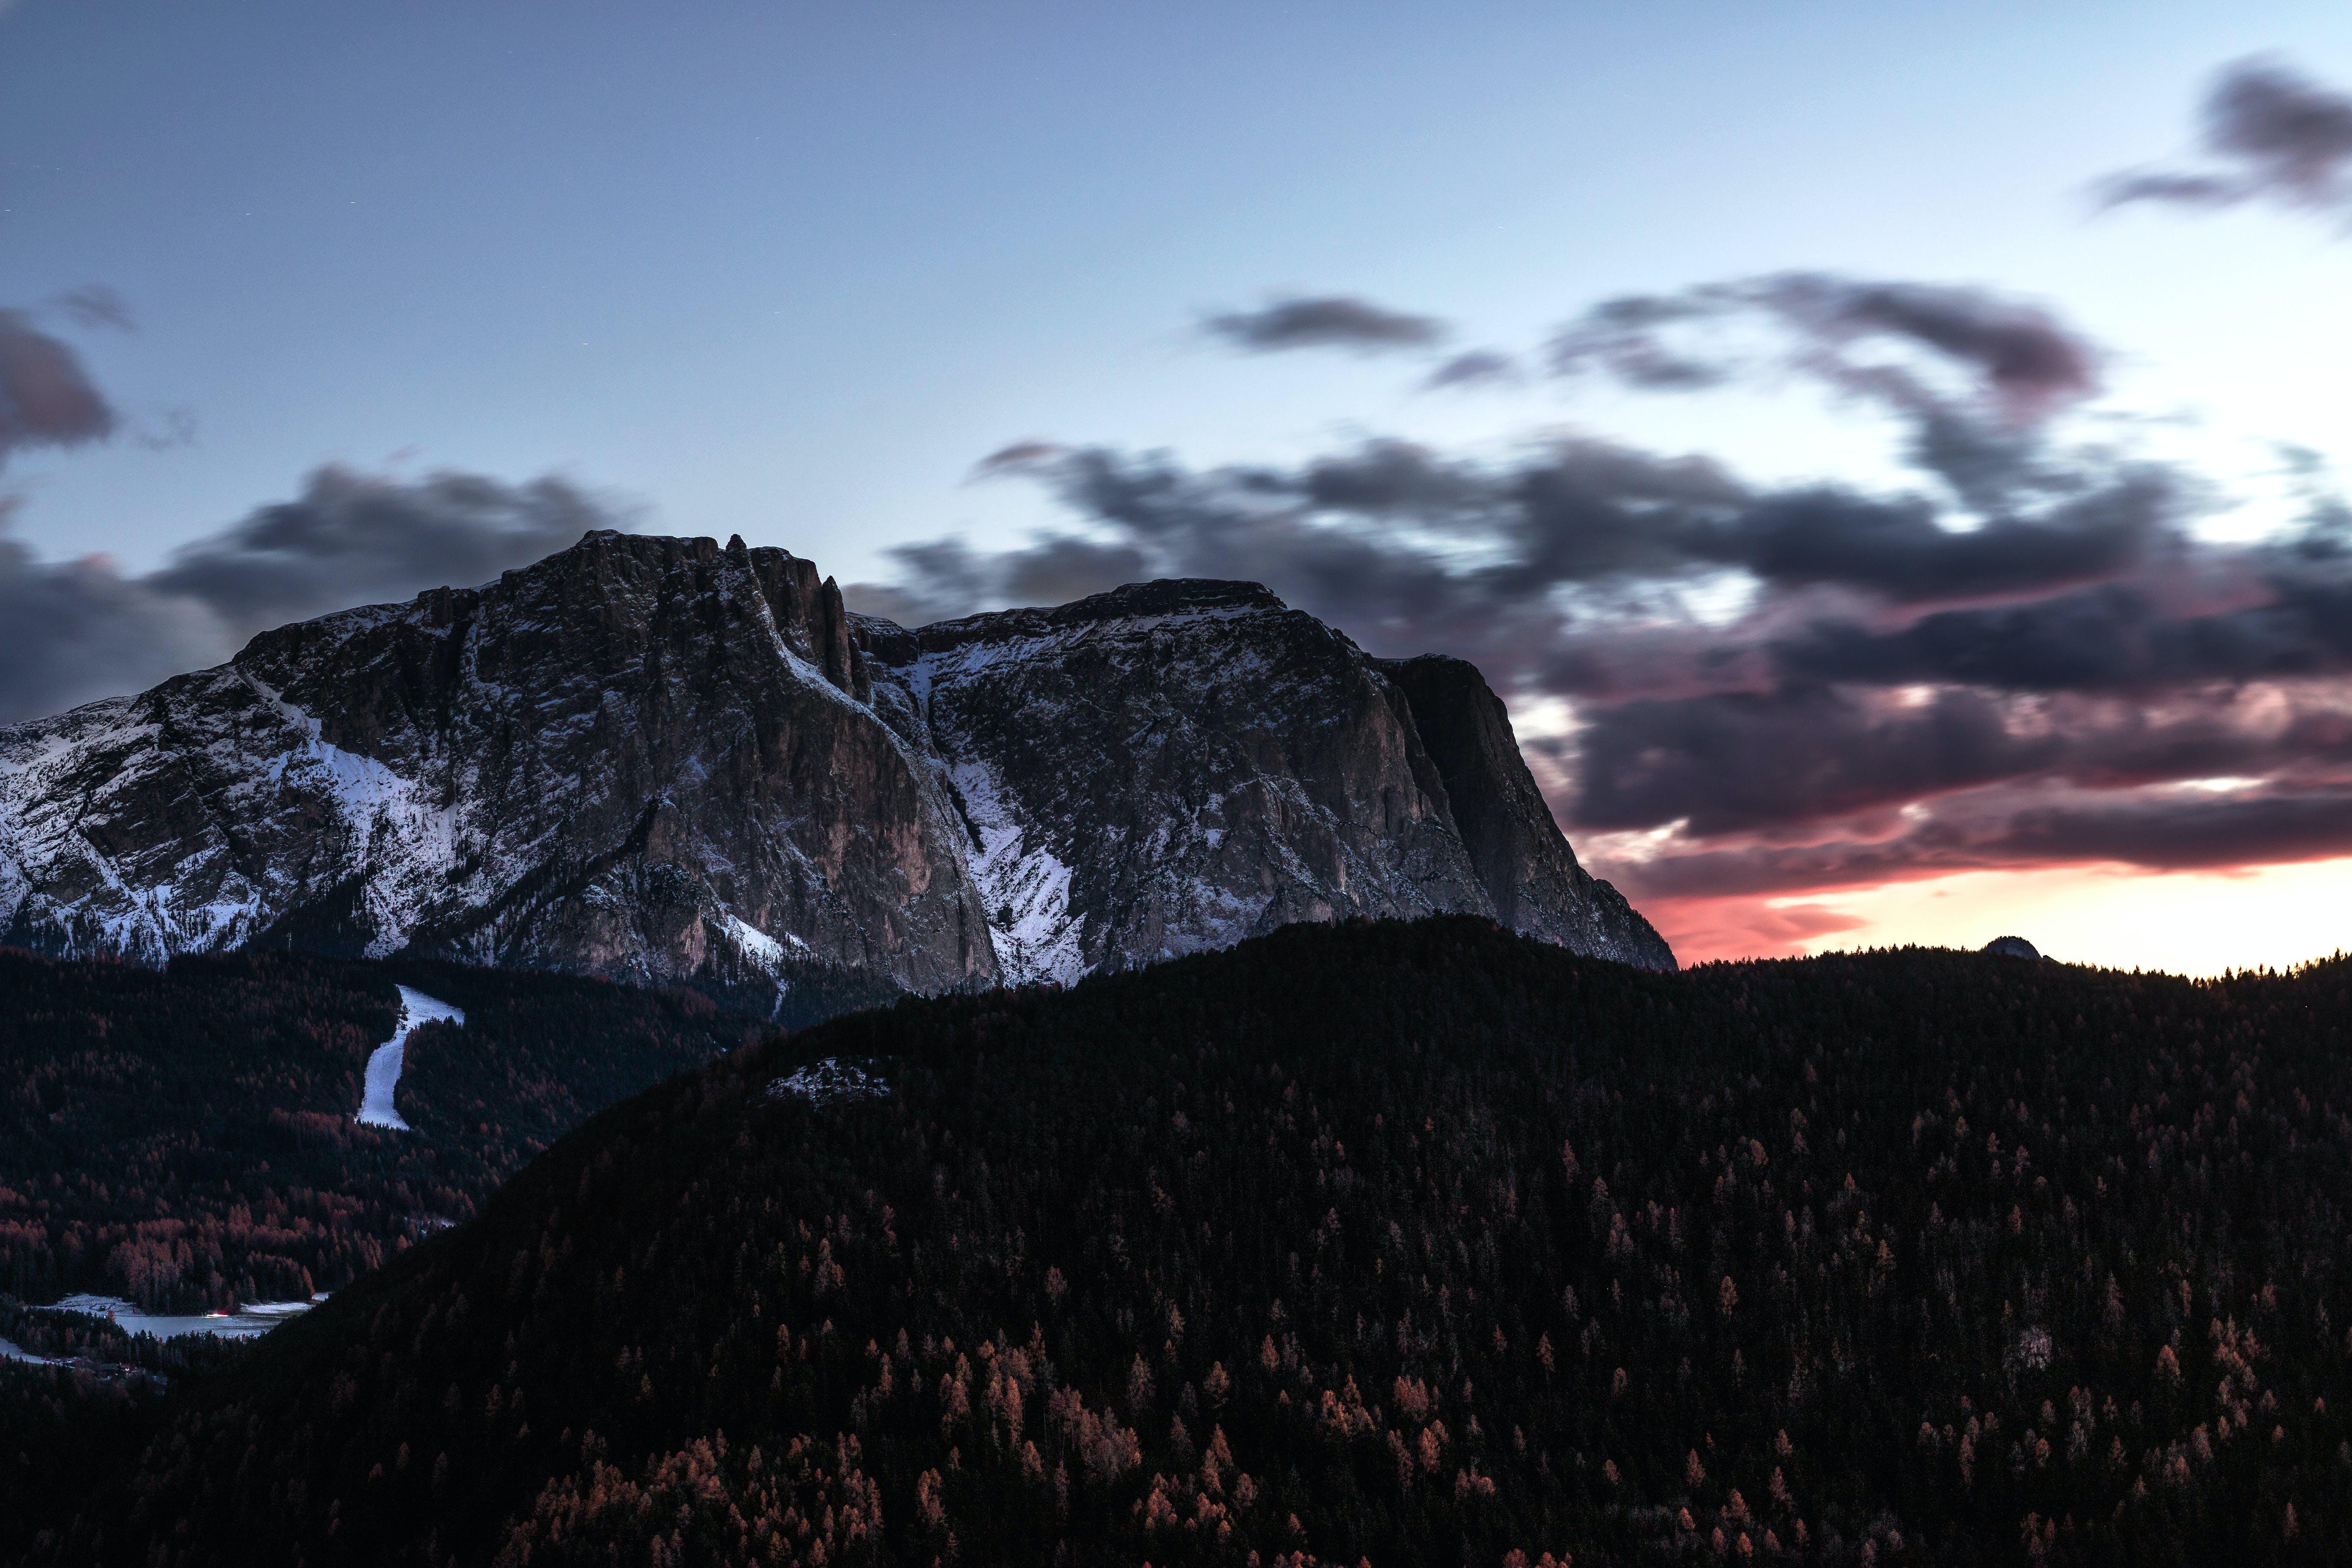 HDの壁紙, シュラーン, 光, 夜明けの無料の写真素材